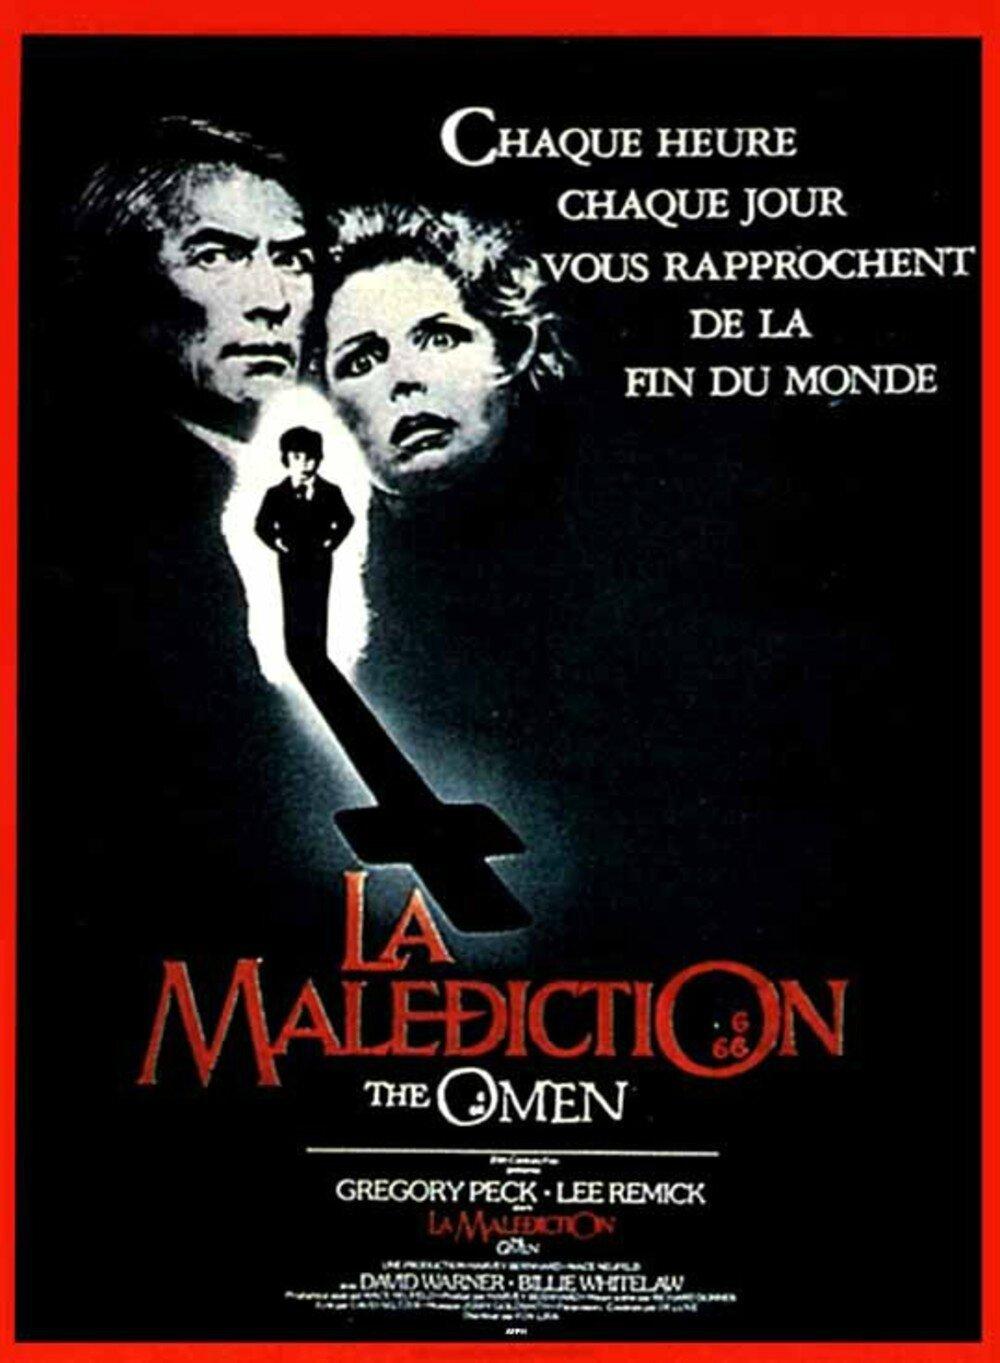 DE LOI RACHID HORS TÉLÉCHARGER BOUCHAREB FILM LA